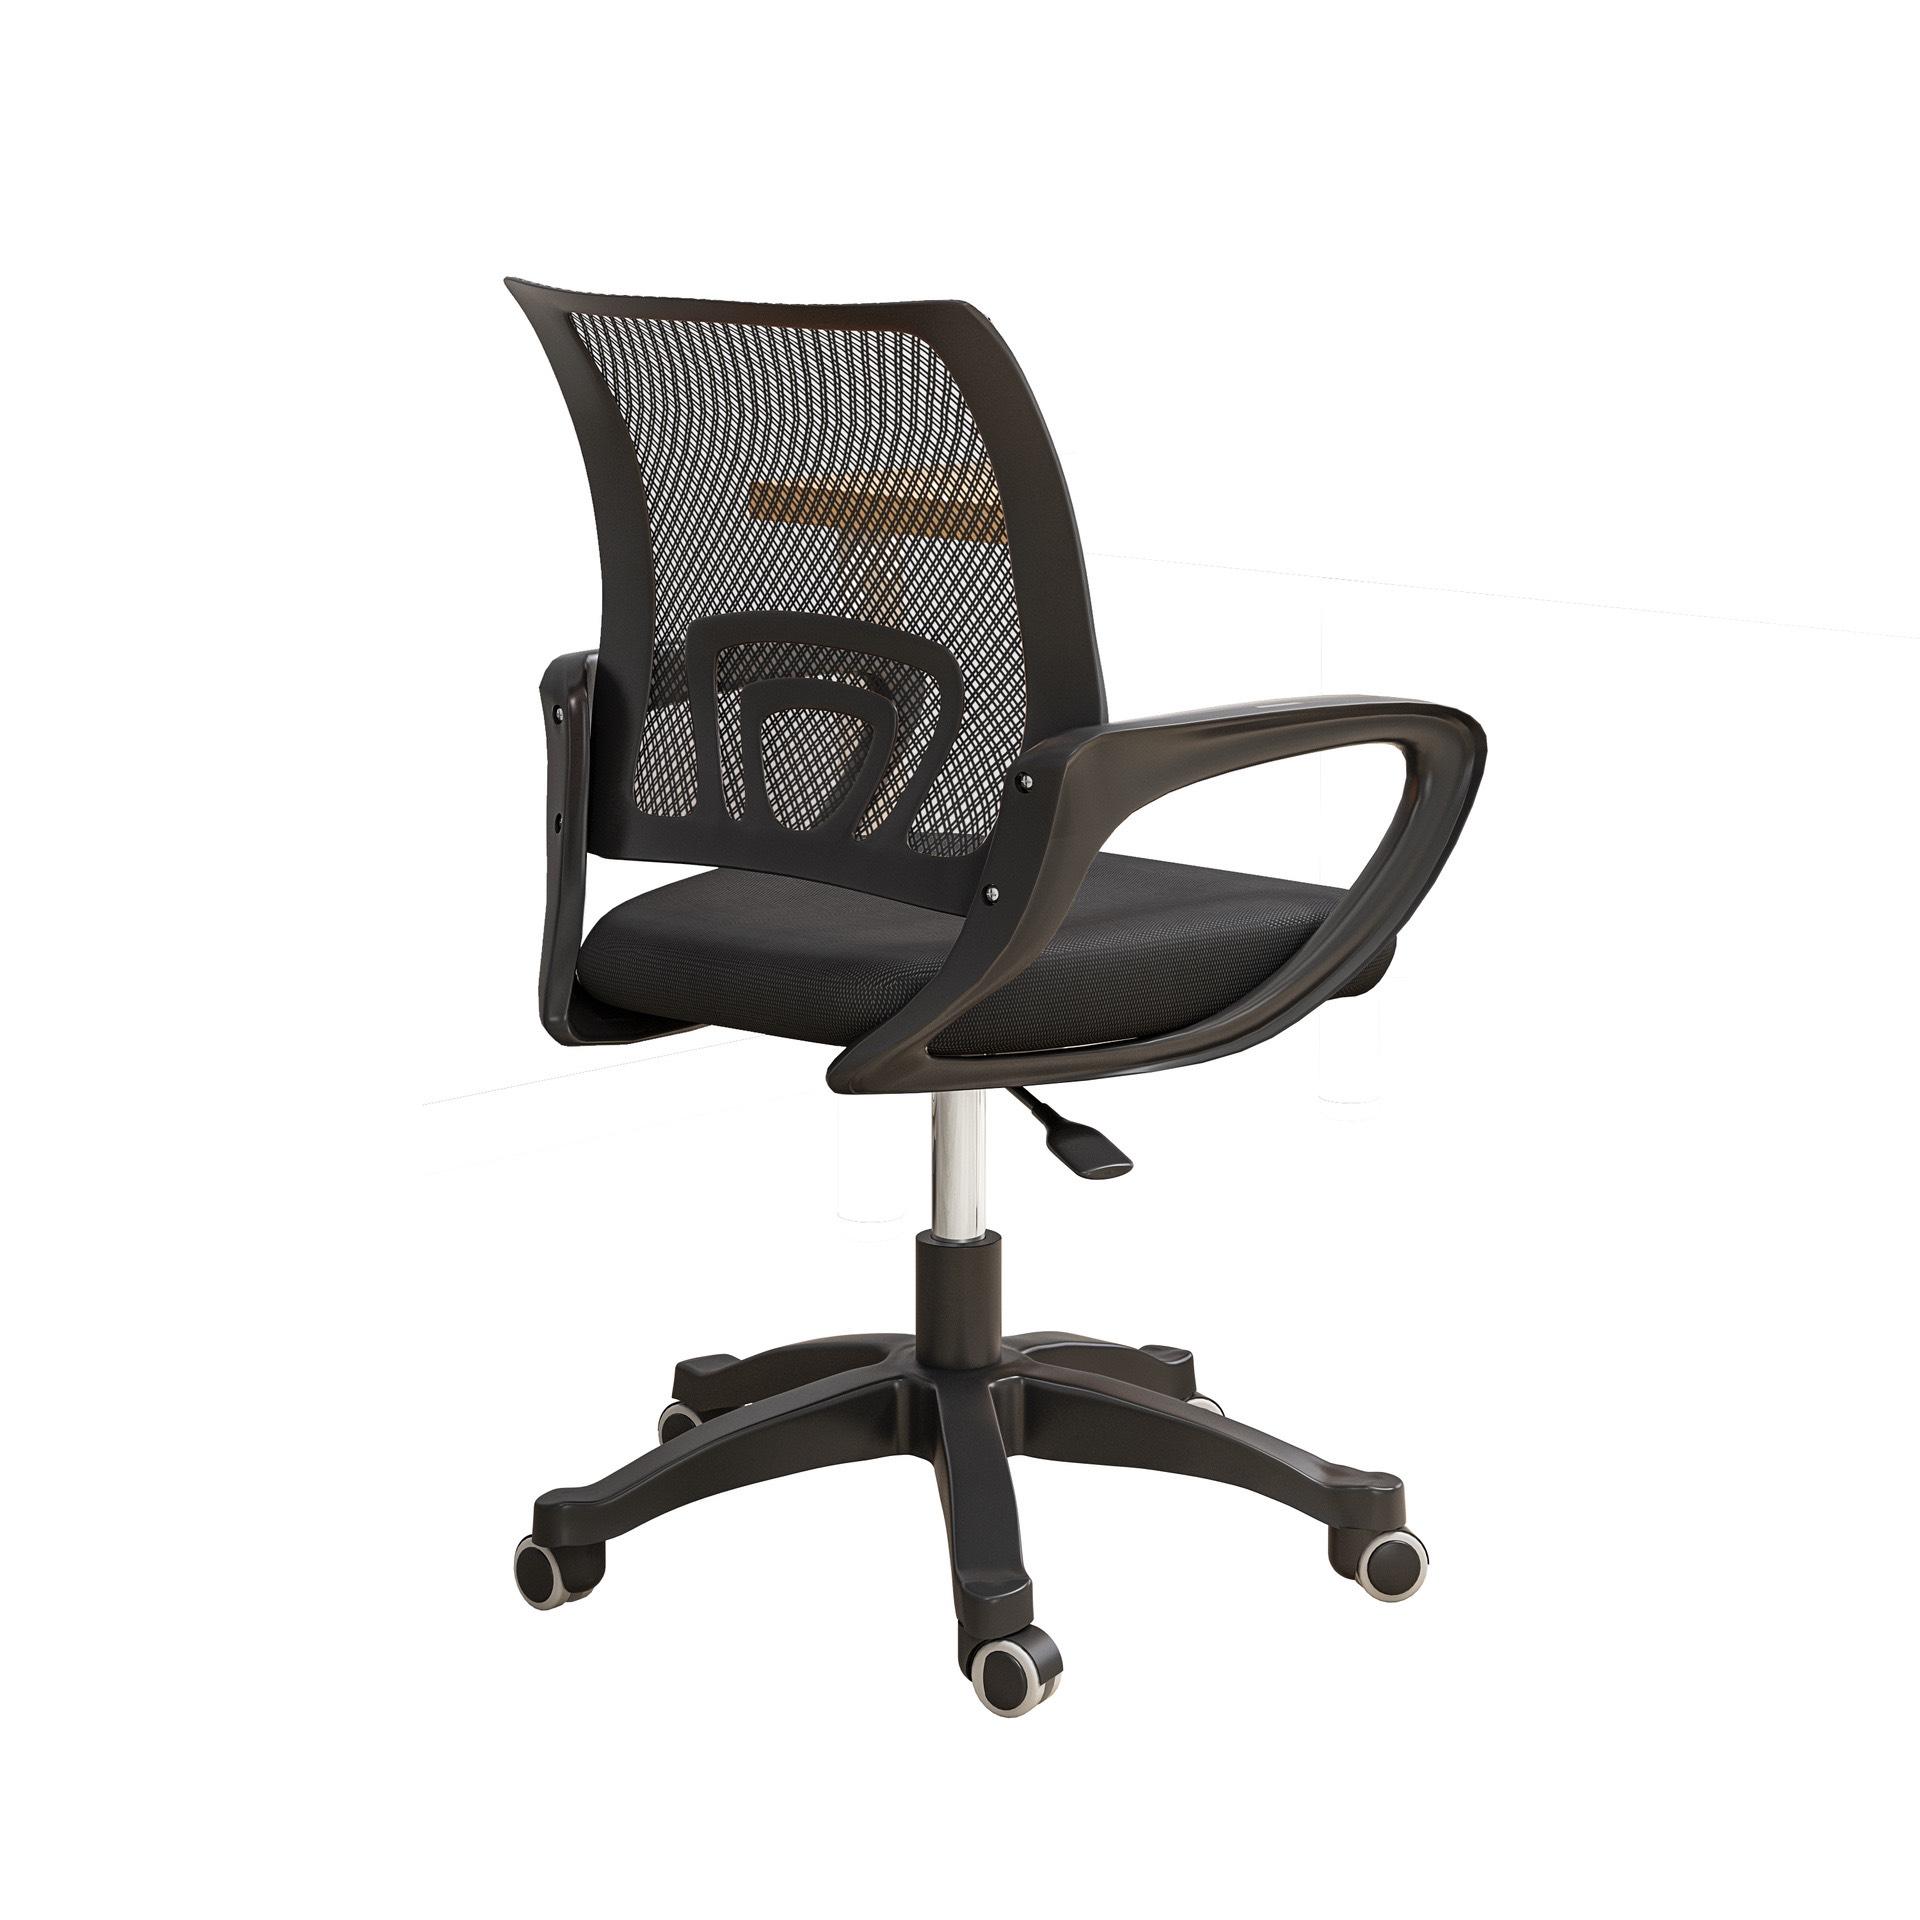 Ghế xoay - ghế văn phòng - ghế tựa - ghế lưng lưới Tâm House mẫu mới cao cấp nhiều chức năng